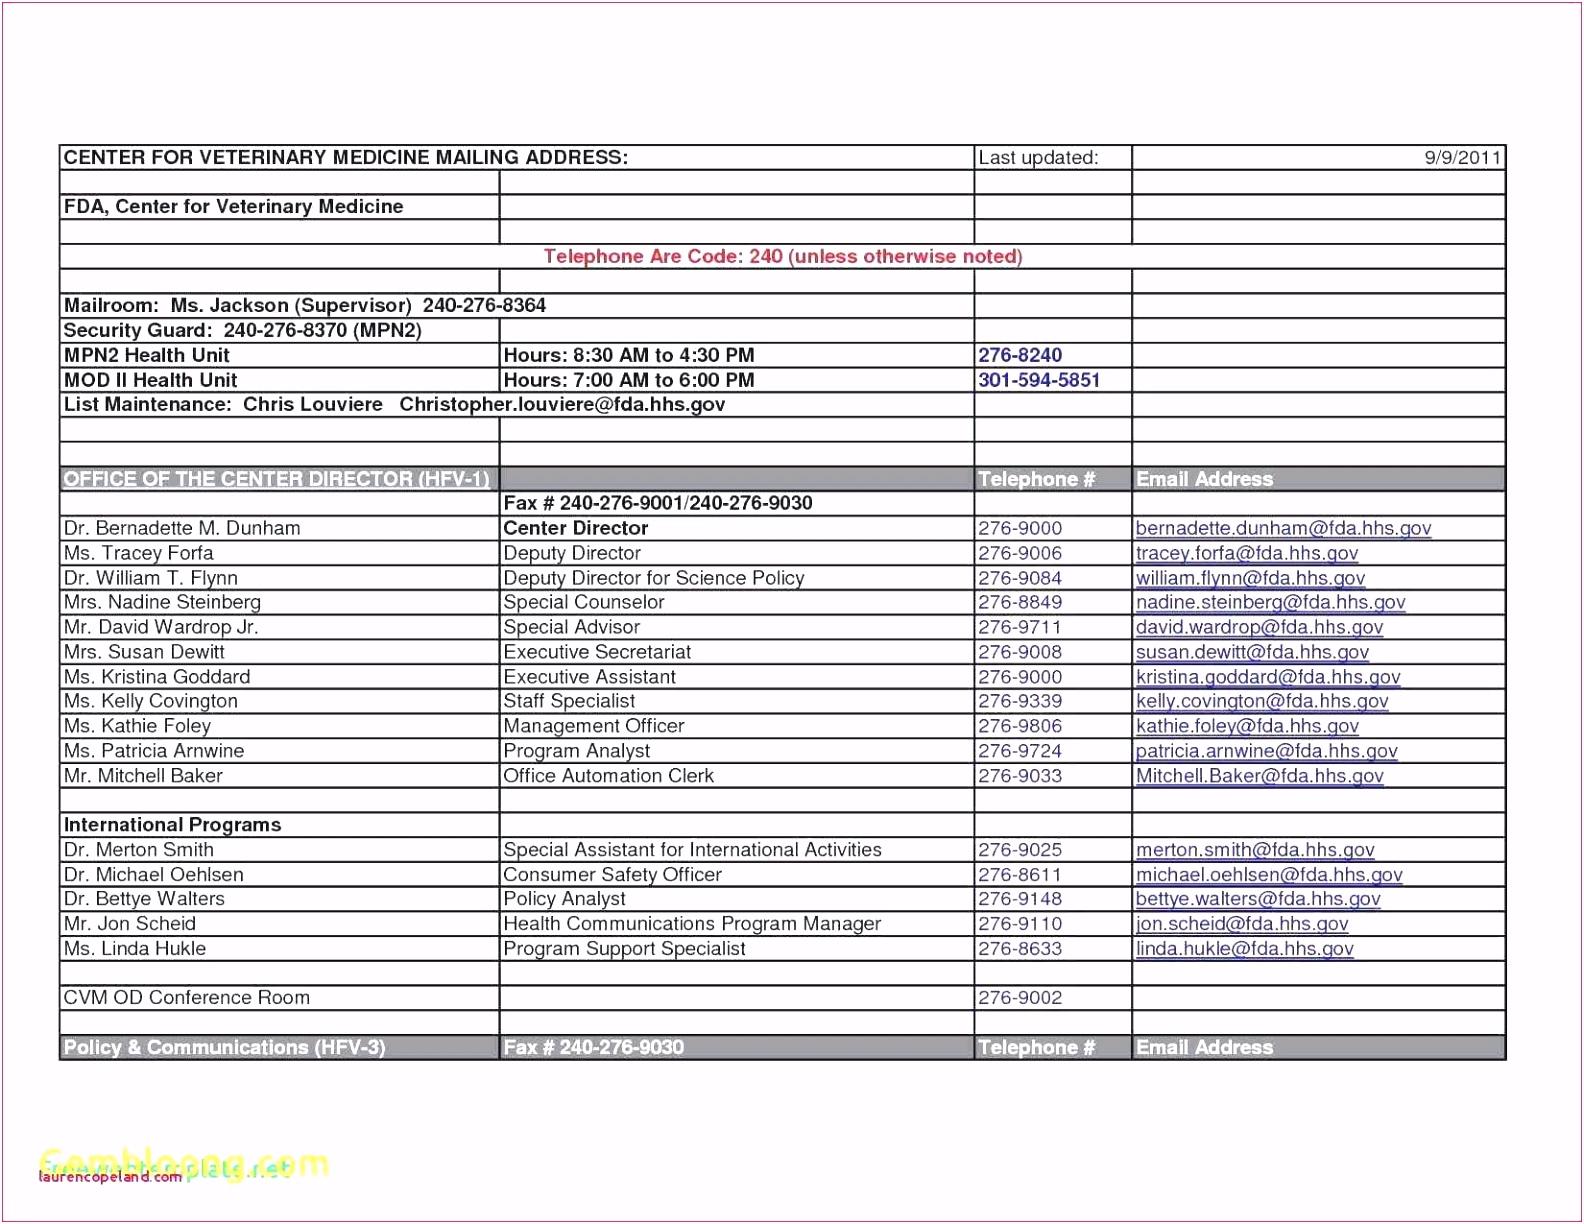 Spendenbescheinigung Gemeinnutziger Verein Vorlage Detaillierte Vorlage Spendenbescheinigung A9gw33sxo4 Ghiym5t5g6